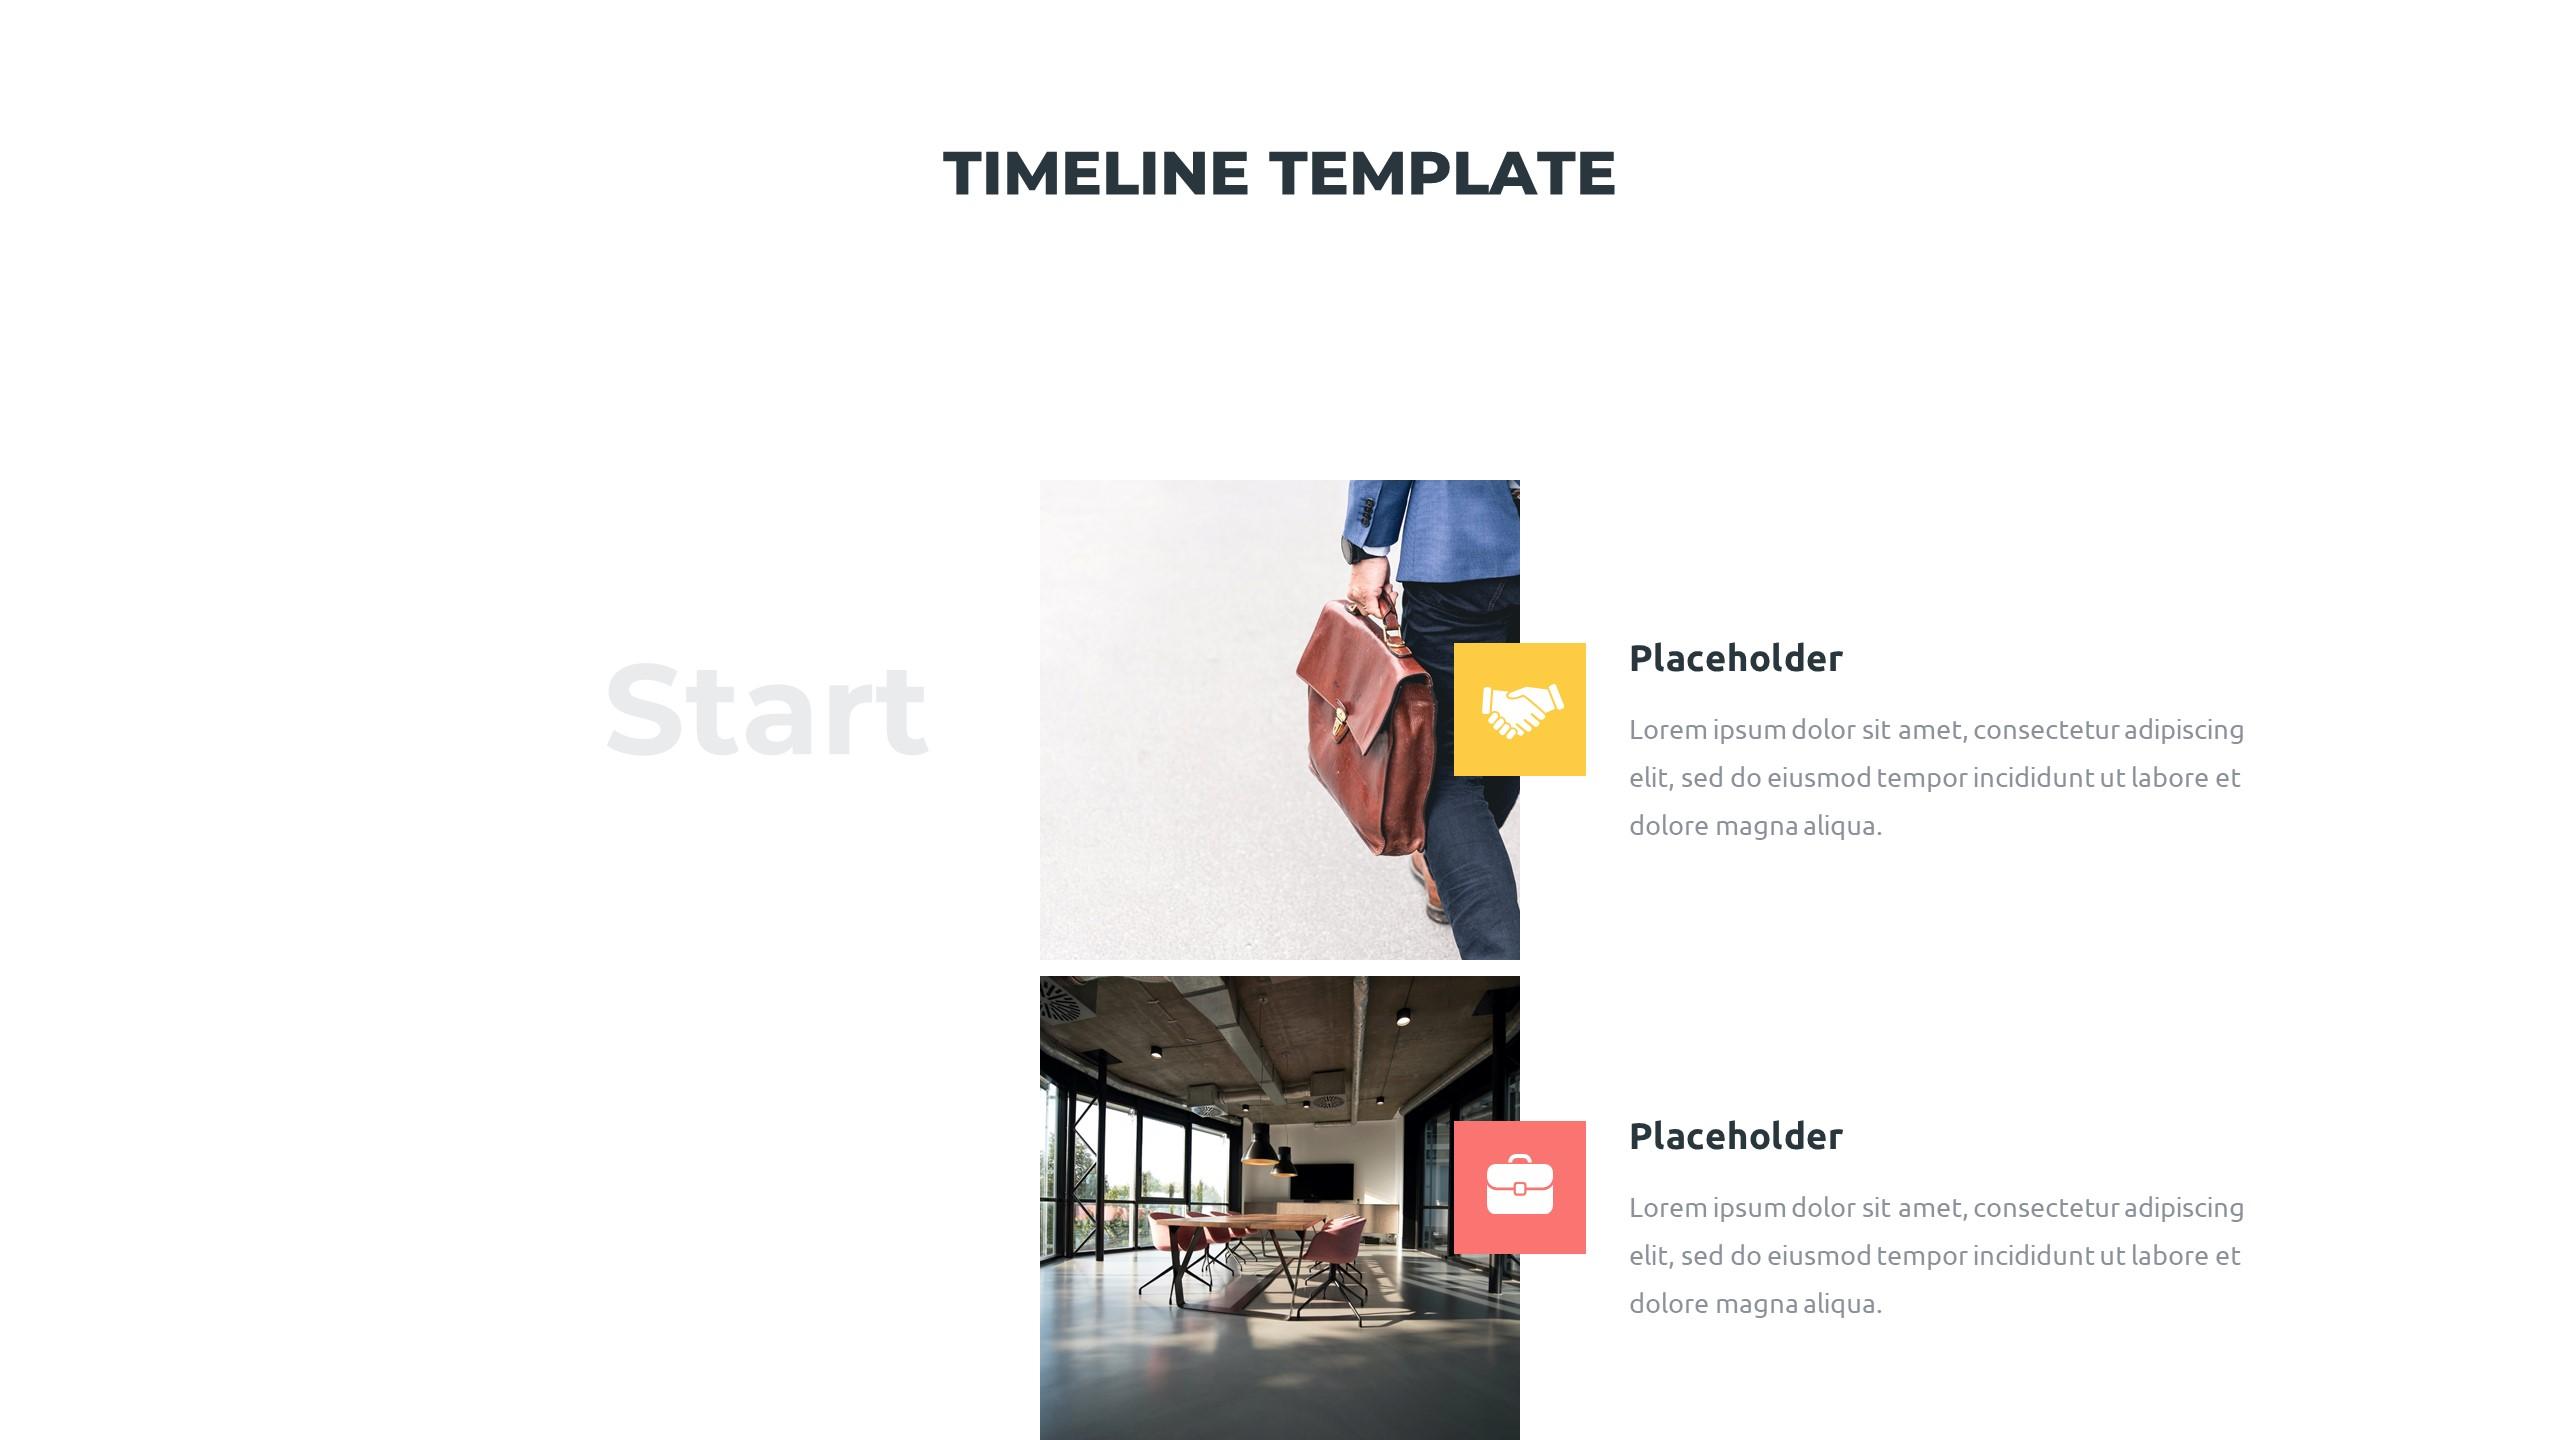 36 Timeline Presentation Templates: Powerpoint, Google Slides, Keynote - Slide2 1